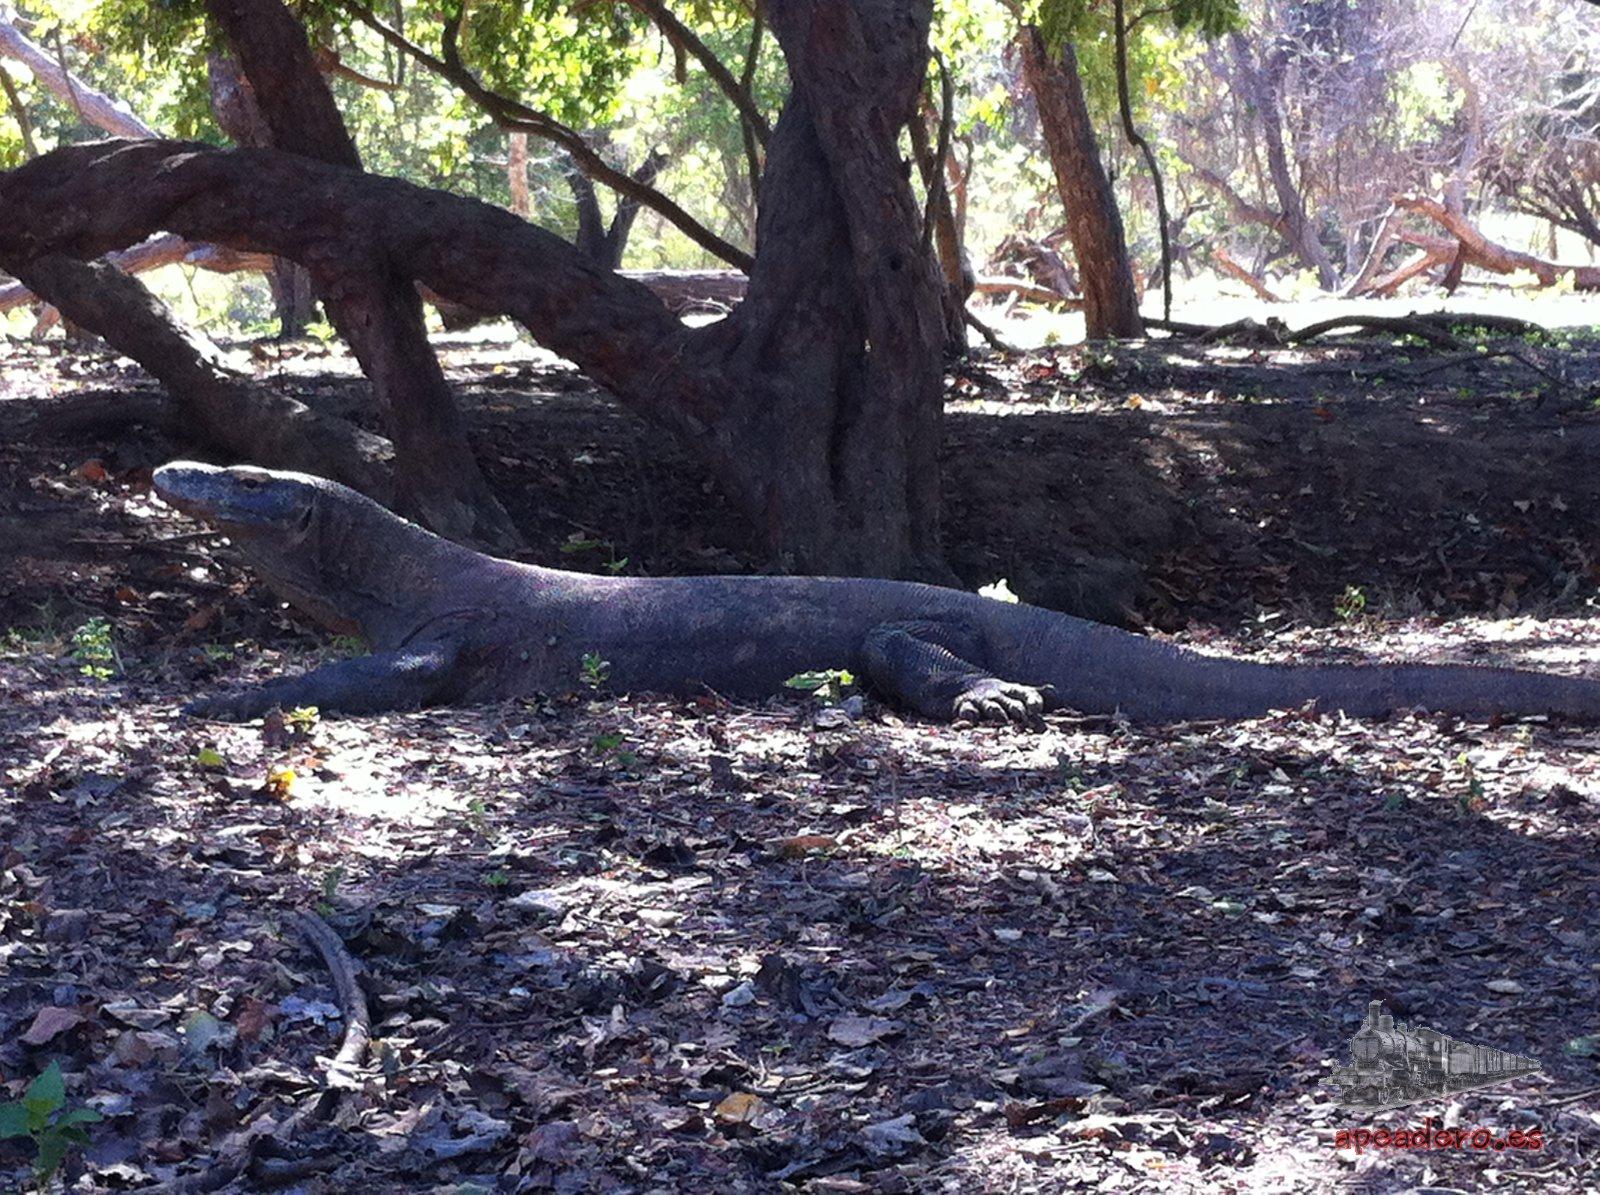 Llegar a Labuan Bajo para ver al dragón de Komodo es el único incentivo que tiene un viaje así.